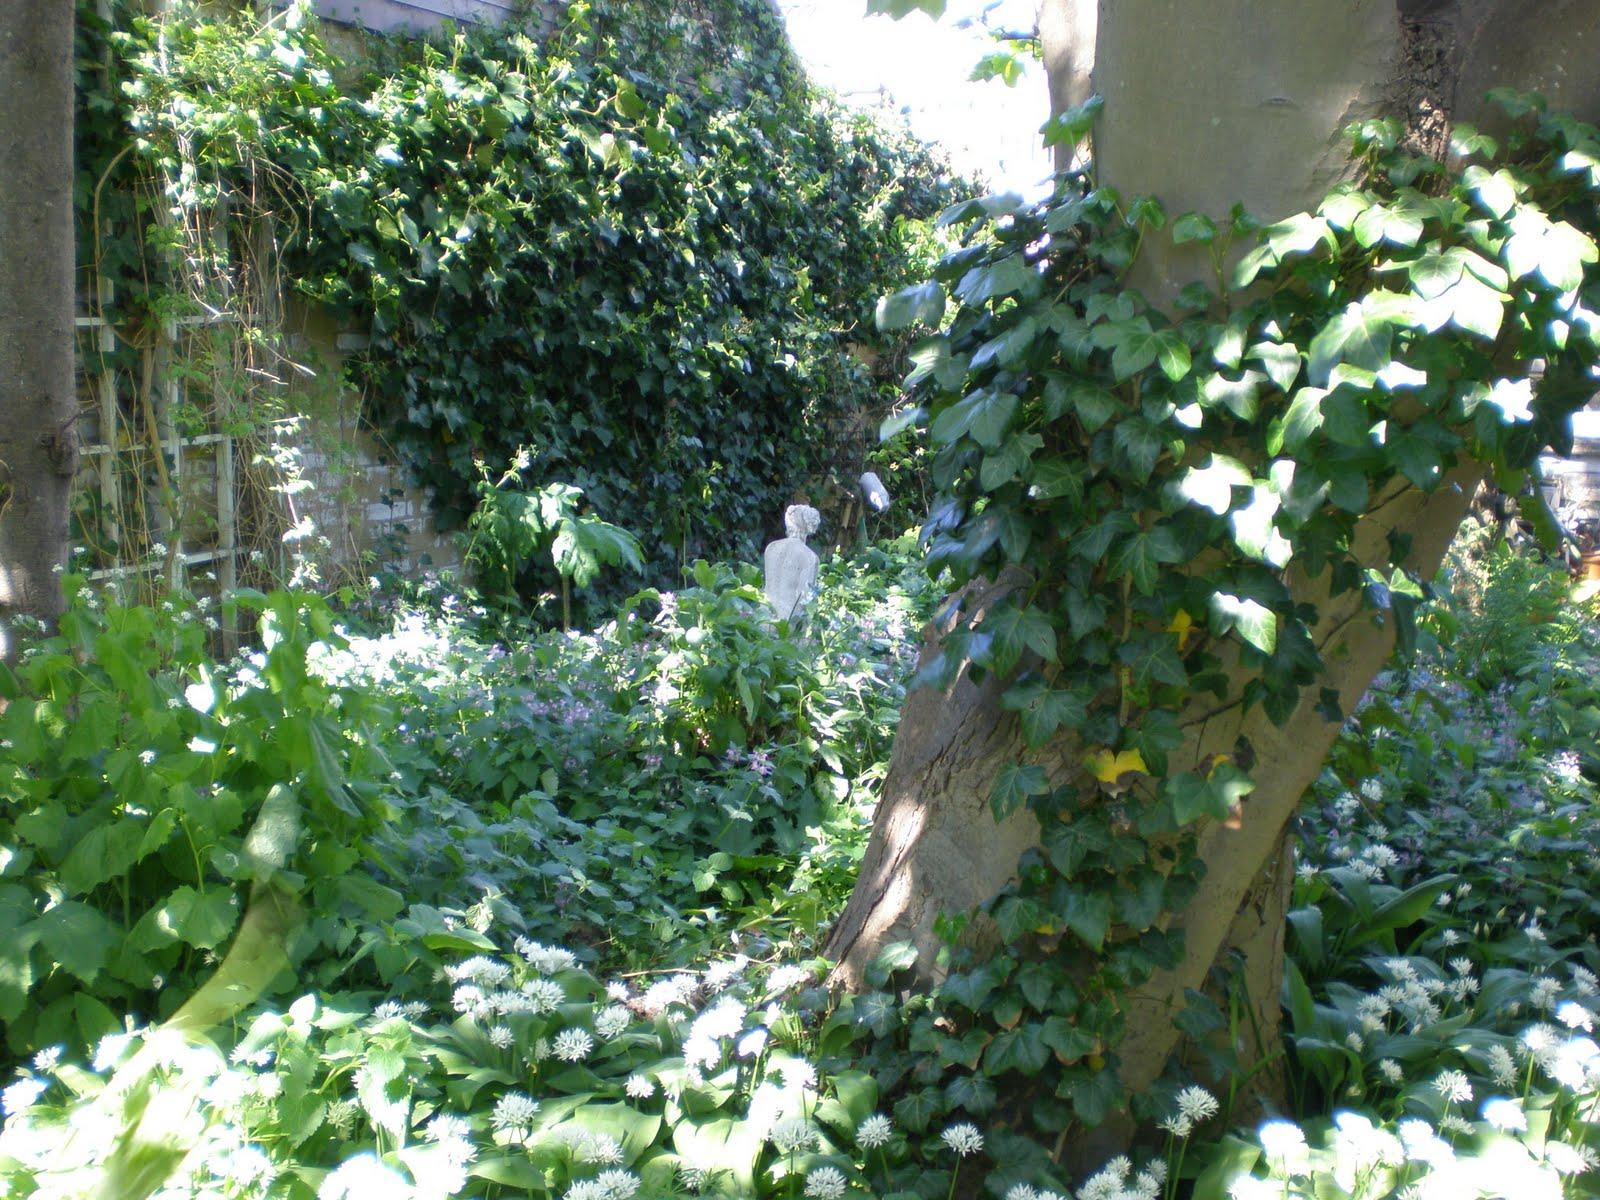 Vlasleeuwenbekje 39 s ooteetee lente in de tuin for Uitzending gemist eigen huis en tuin